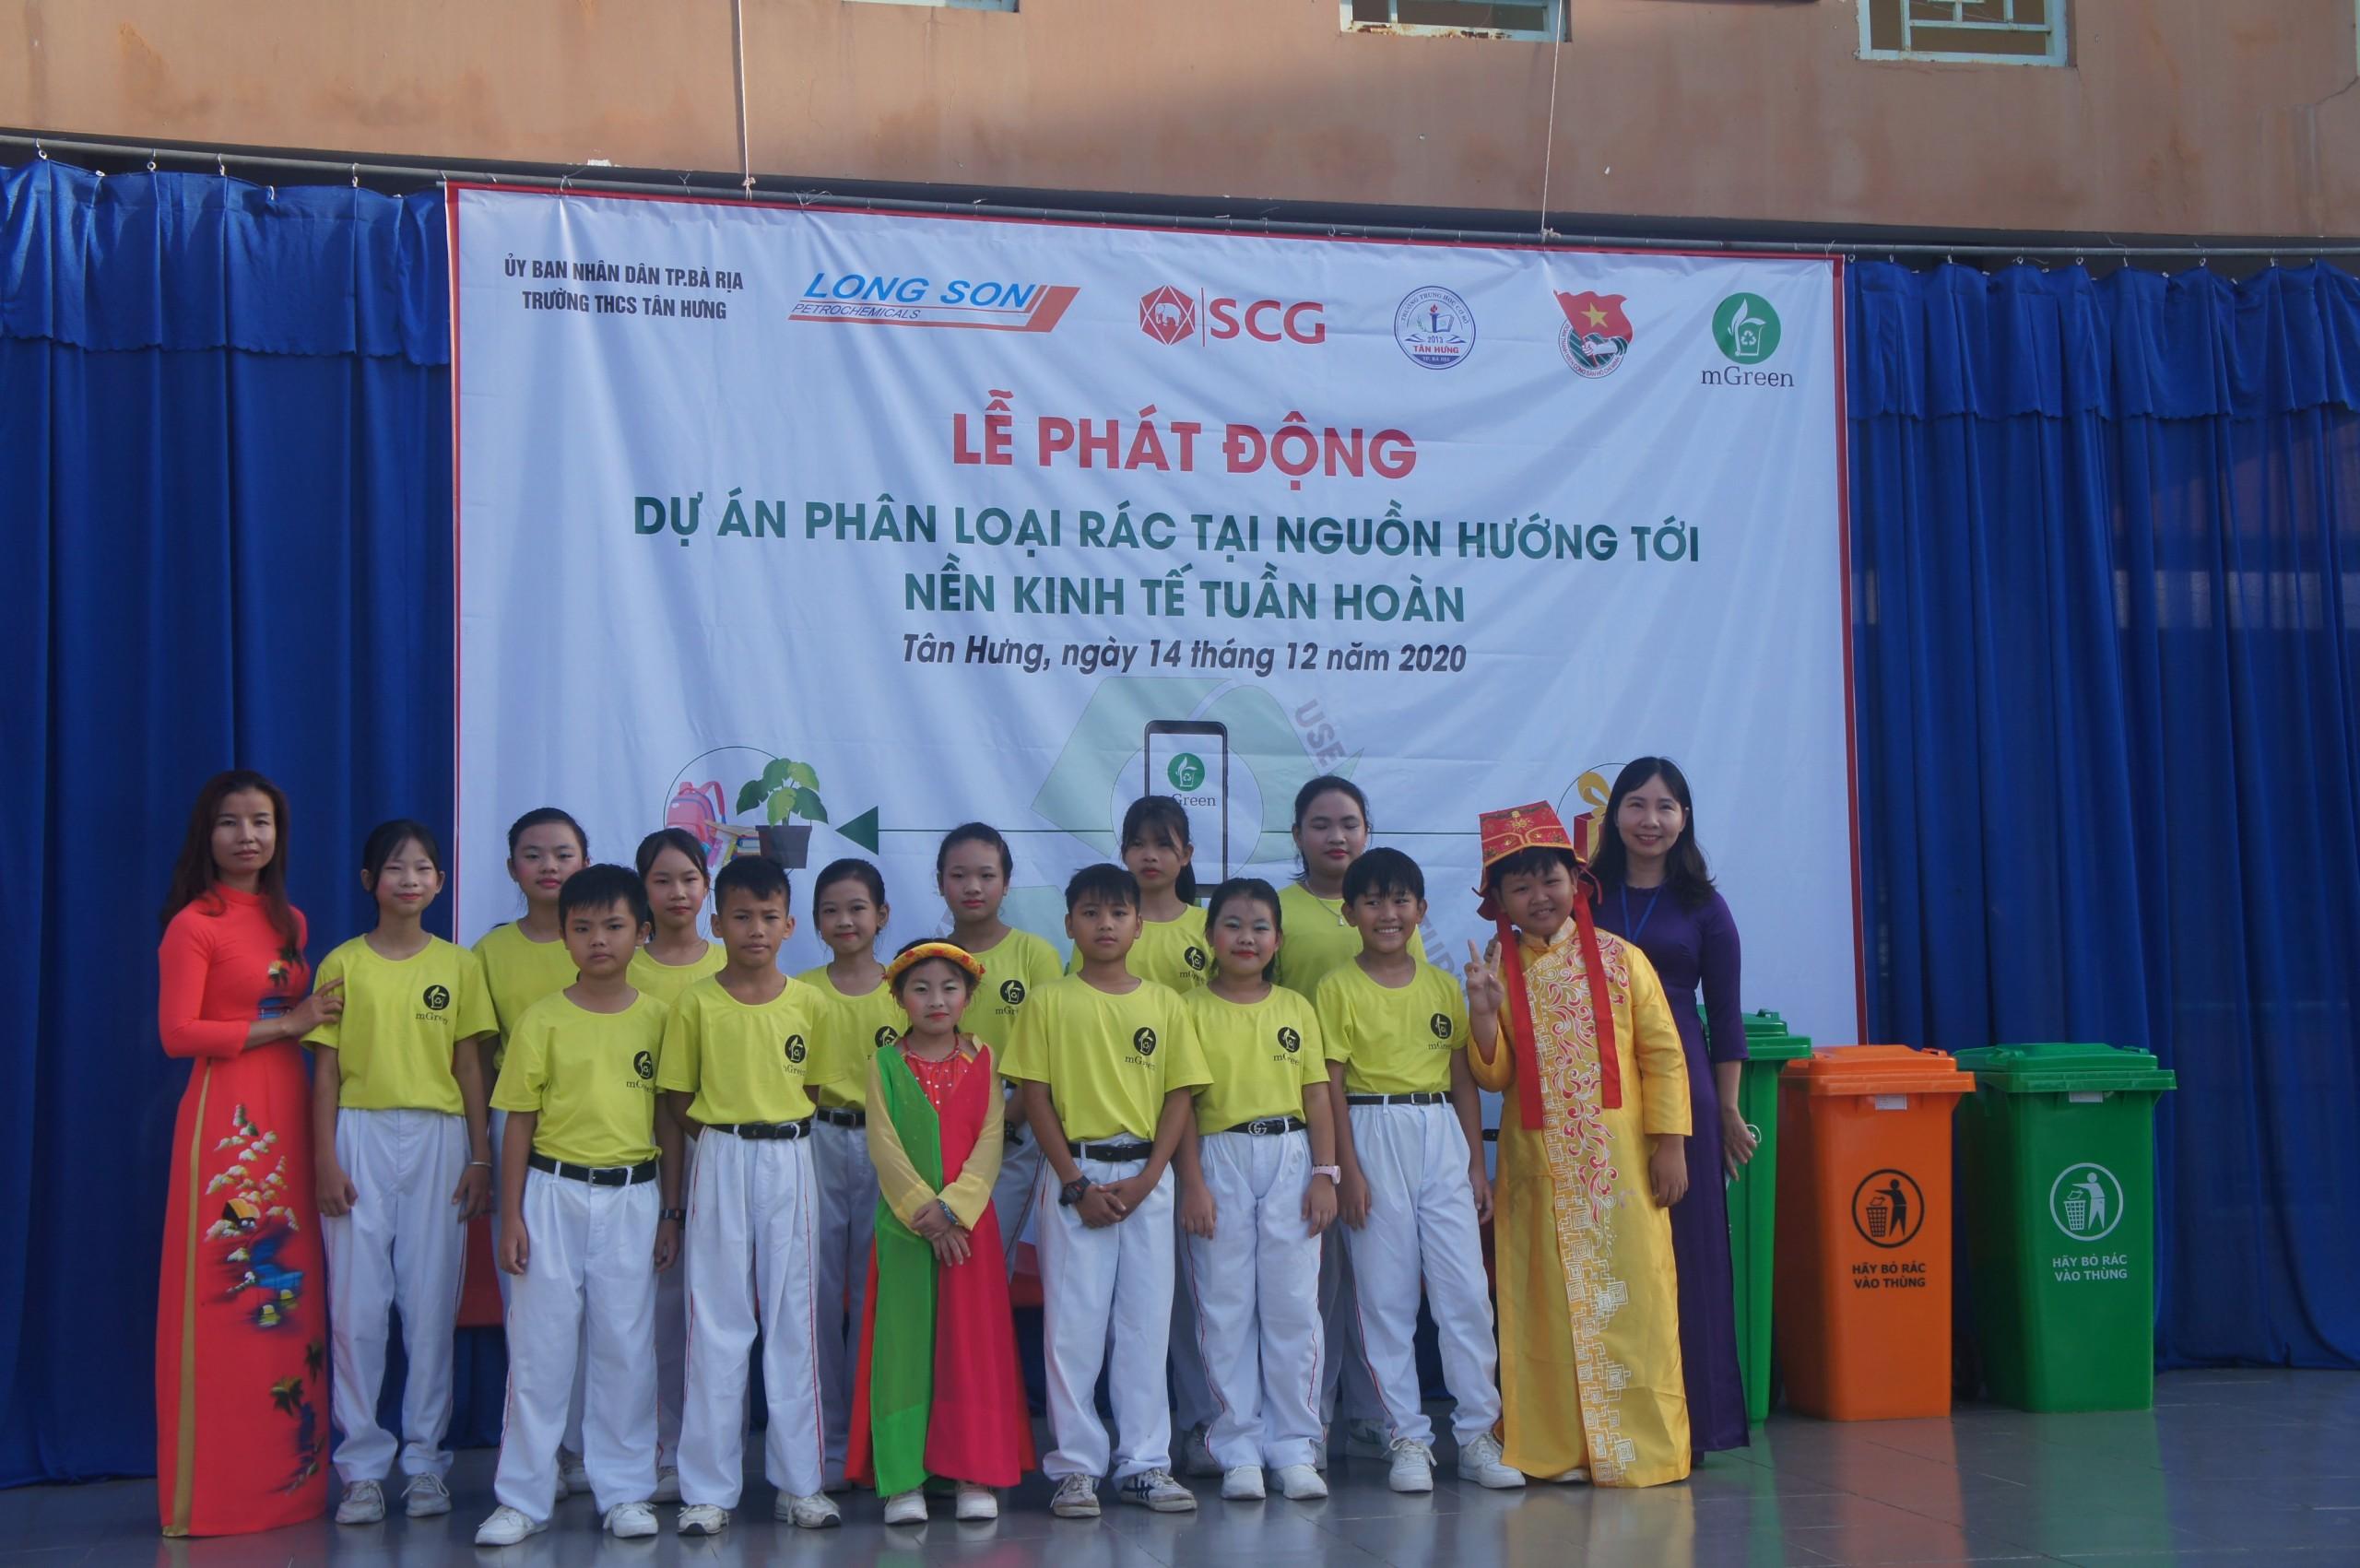 Cô trò Trường THCS Tân Hưng, Tp. Bà Rịa hưởng ứng Dự án Phân loại rác tại nguồn hướng tới nền kinh tế tuần hoàn